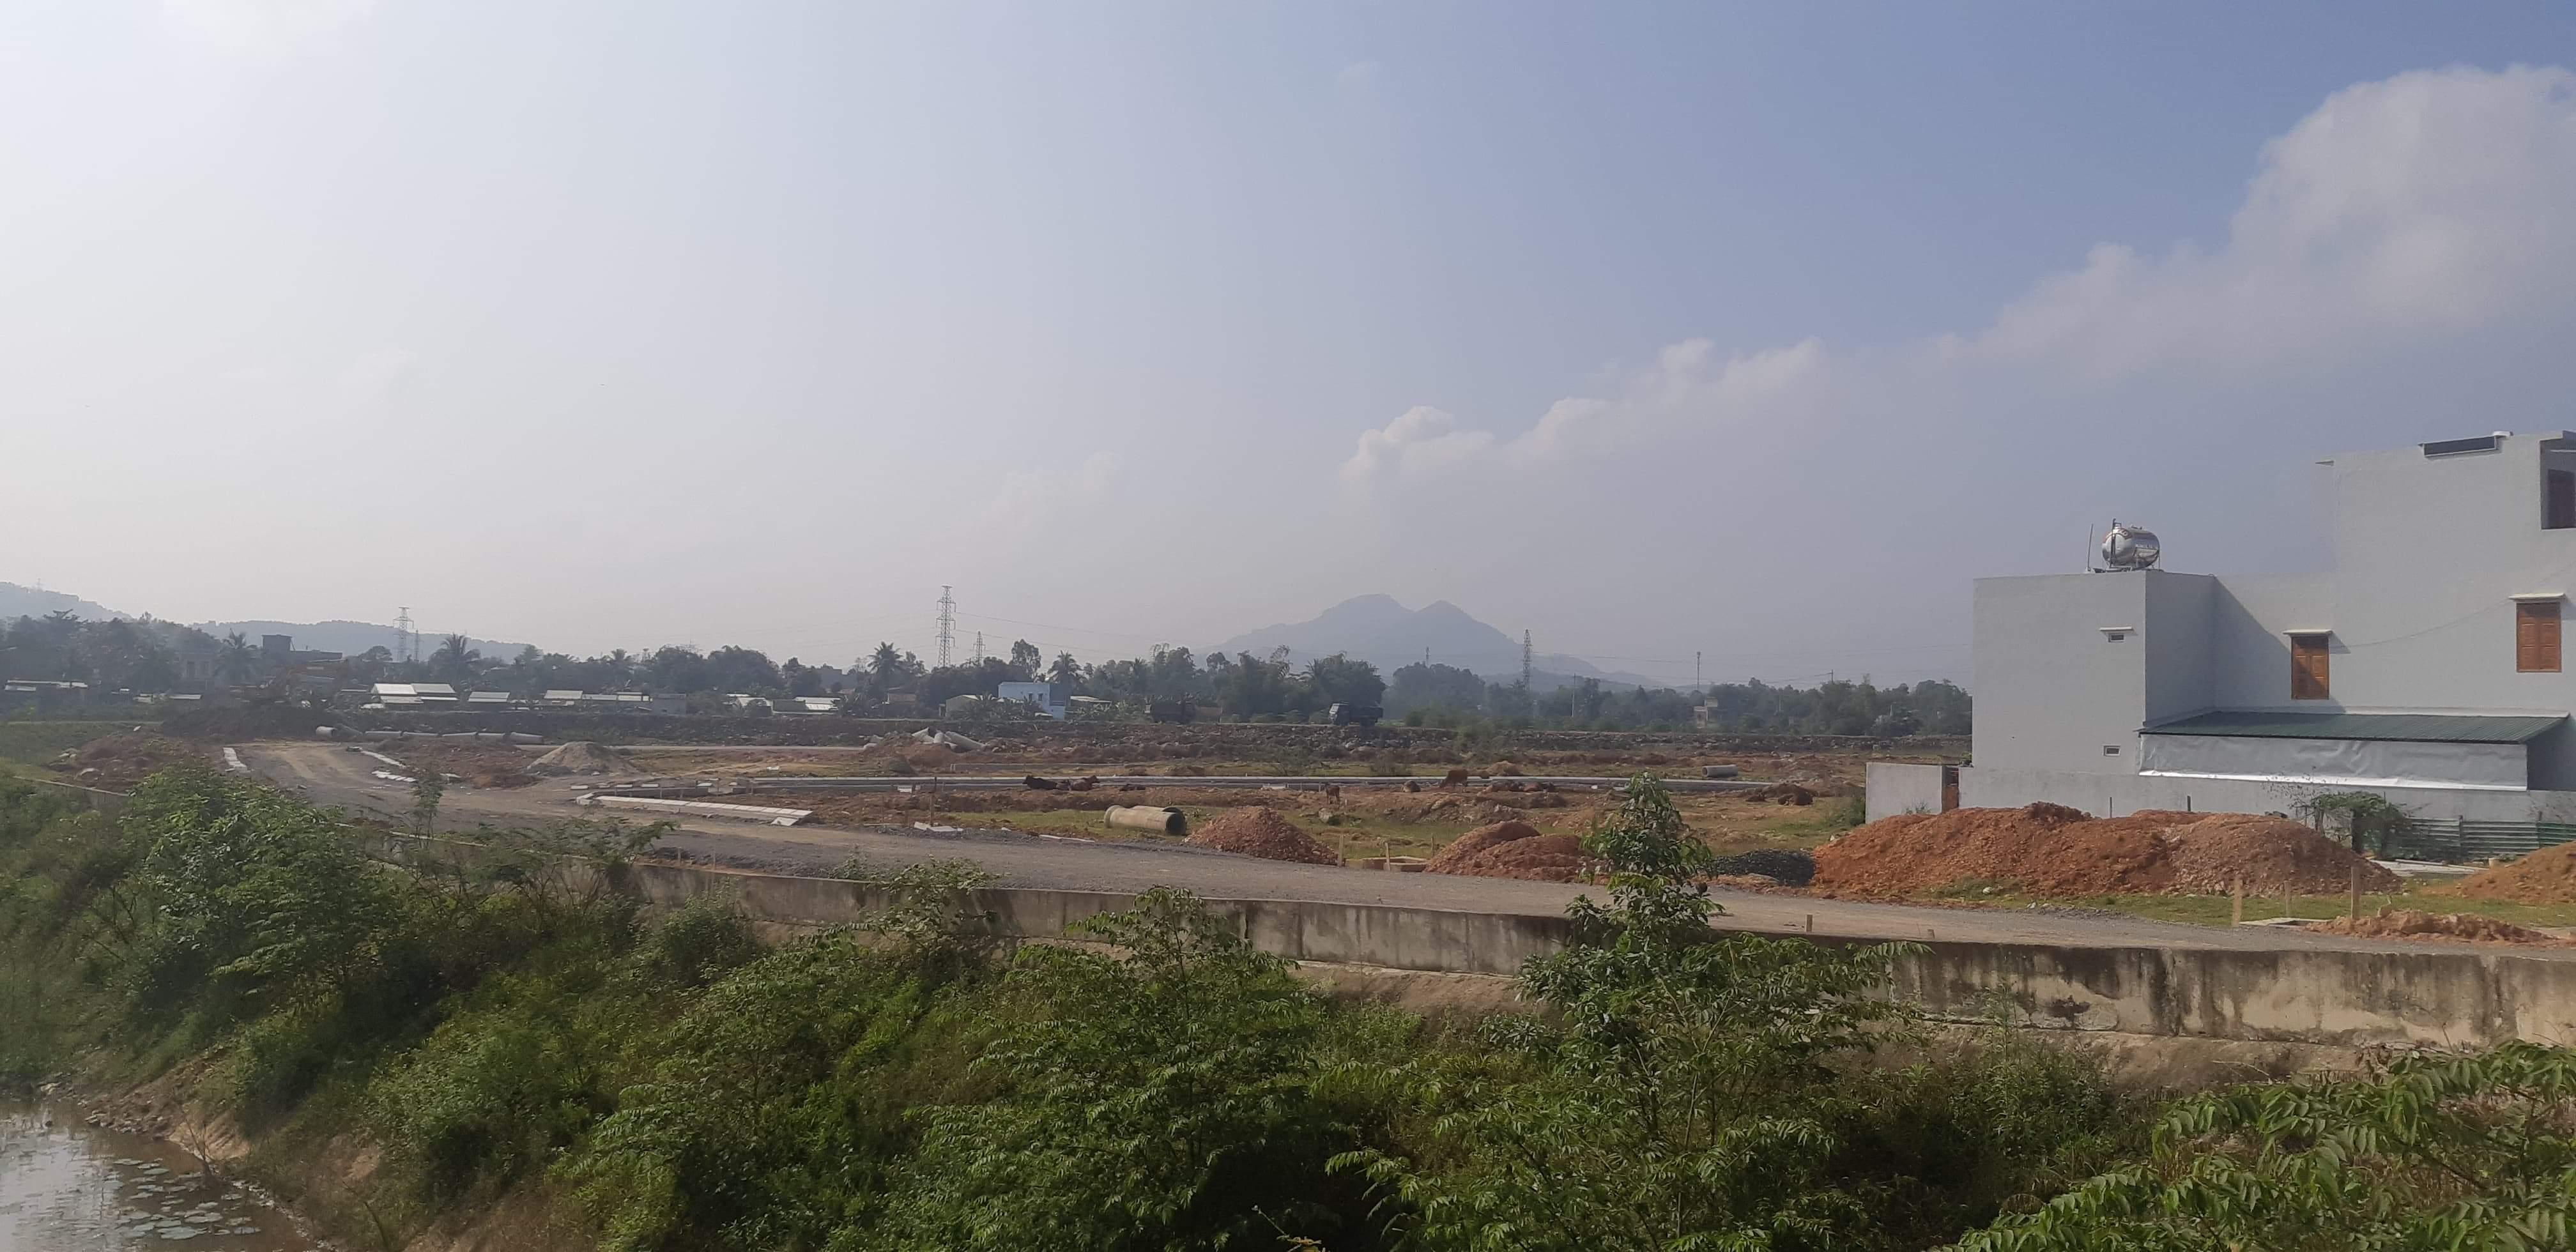 Đà Nẵng: Ban hành quy định mới về diện tích đối với đất ở và tách thửa